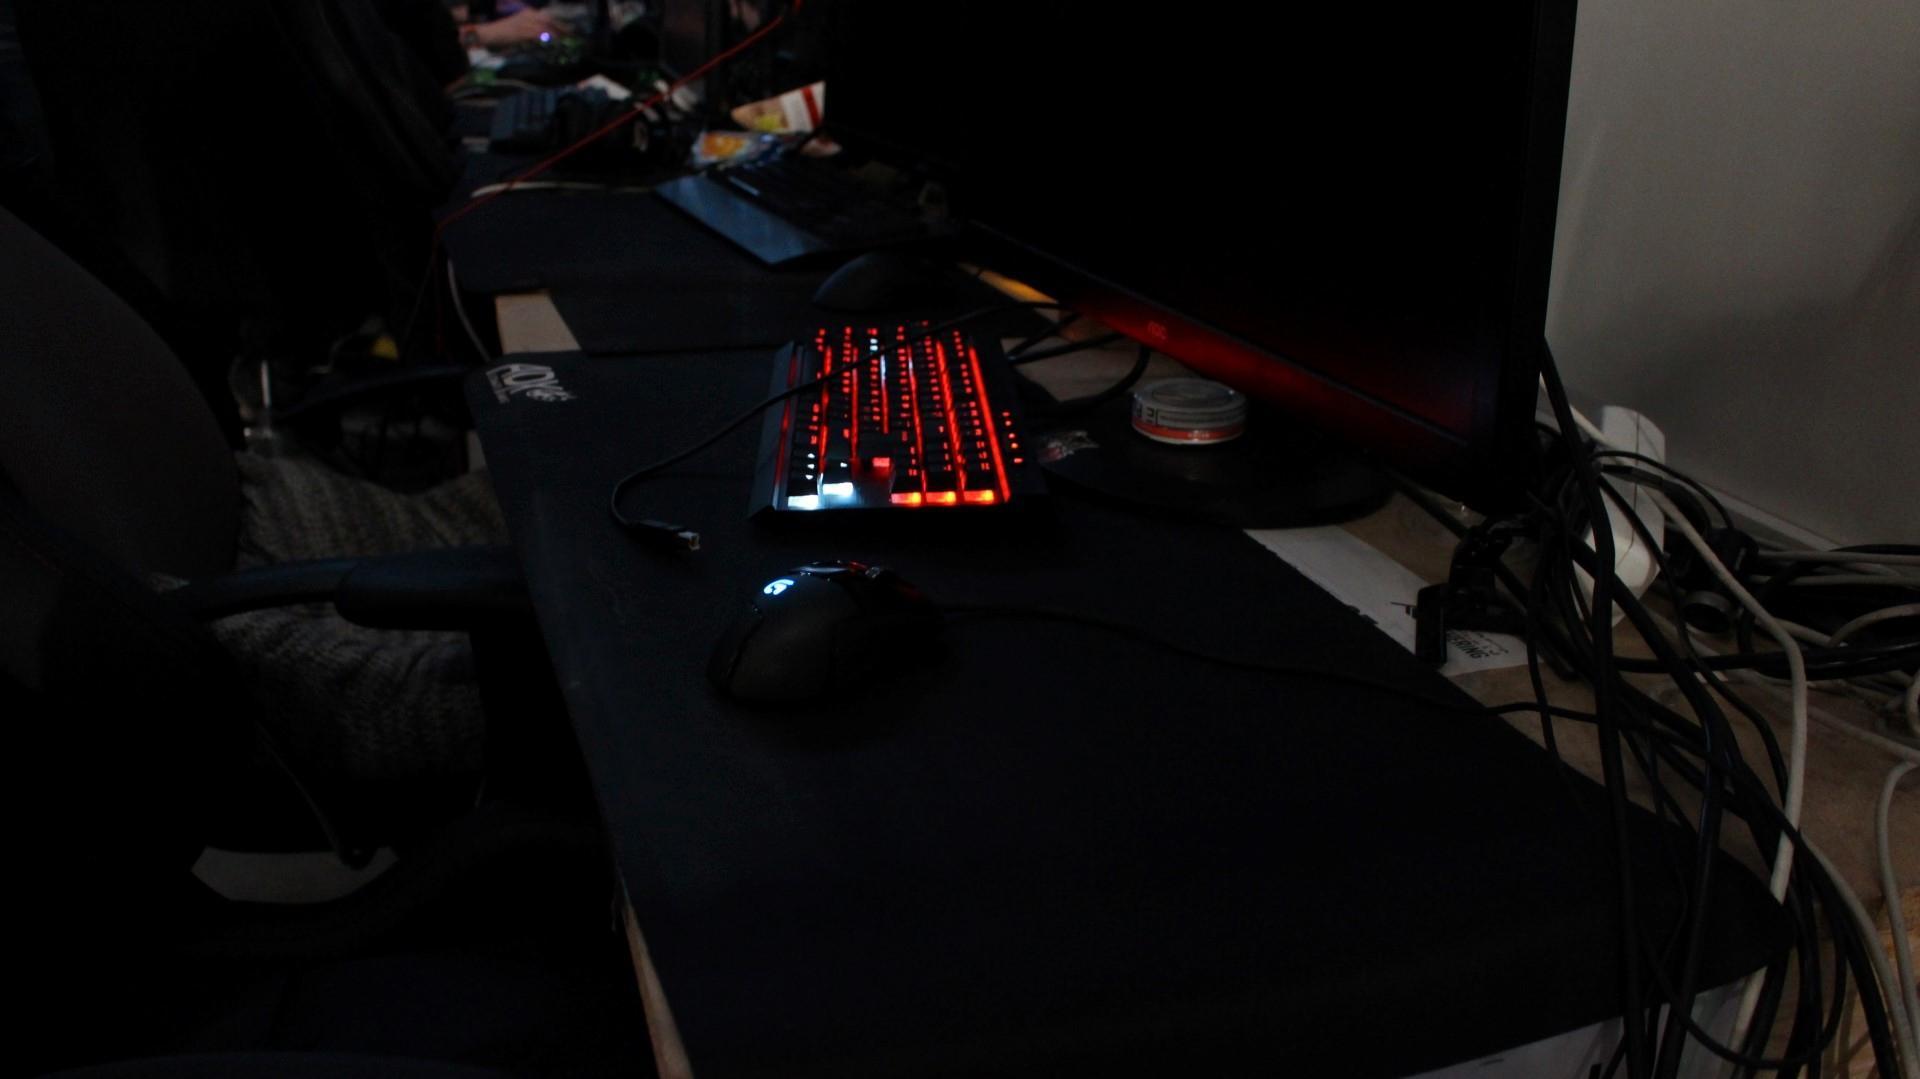 Fancy keybordlys må så klart til på TG.